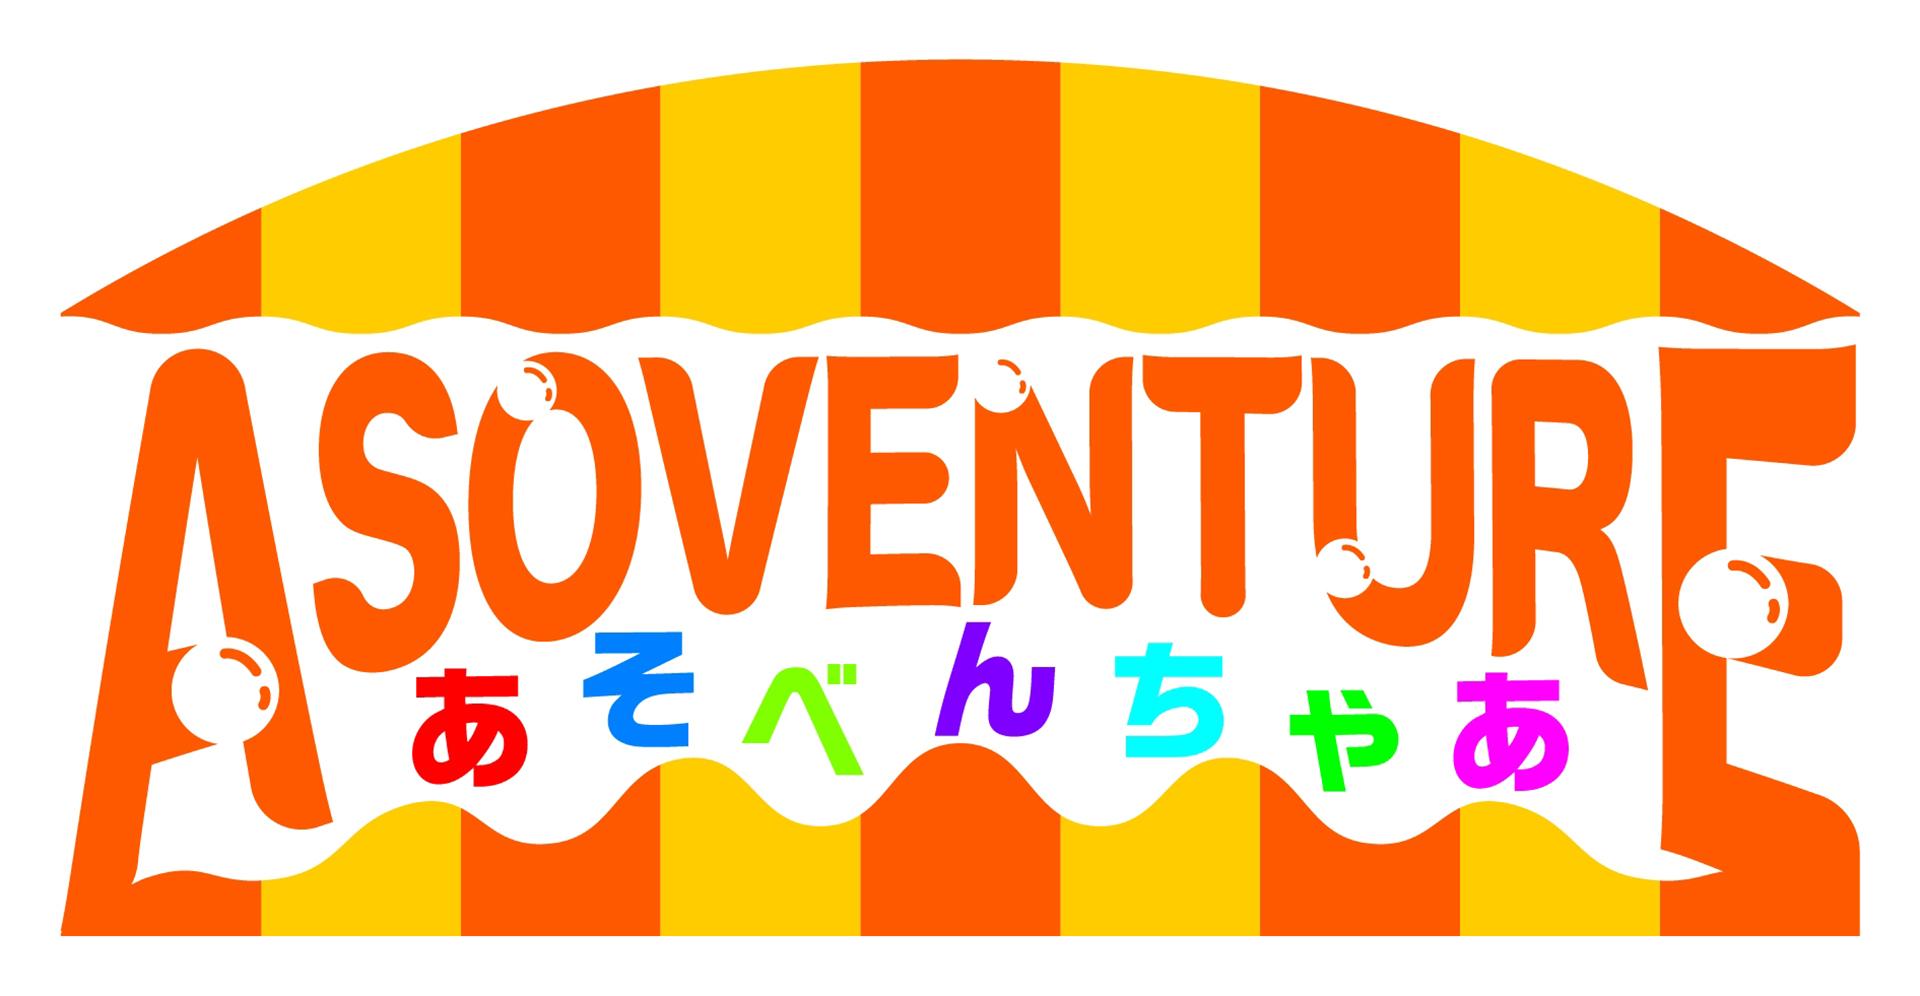 この写真は横浜・八景島シーパラダイス内にあるあそべんちゃあのロゴ